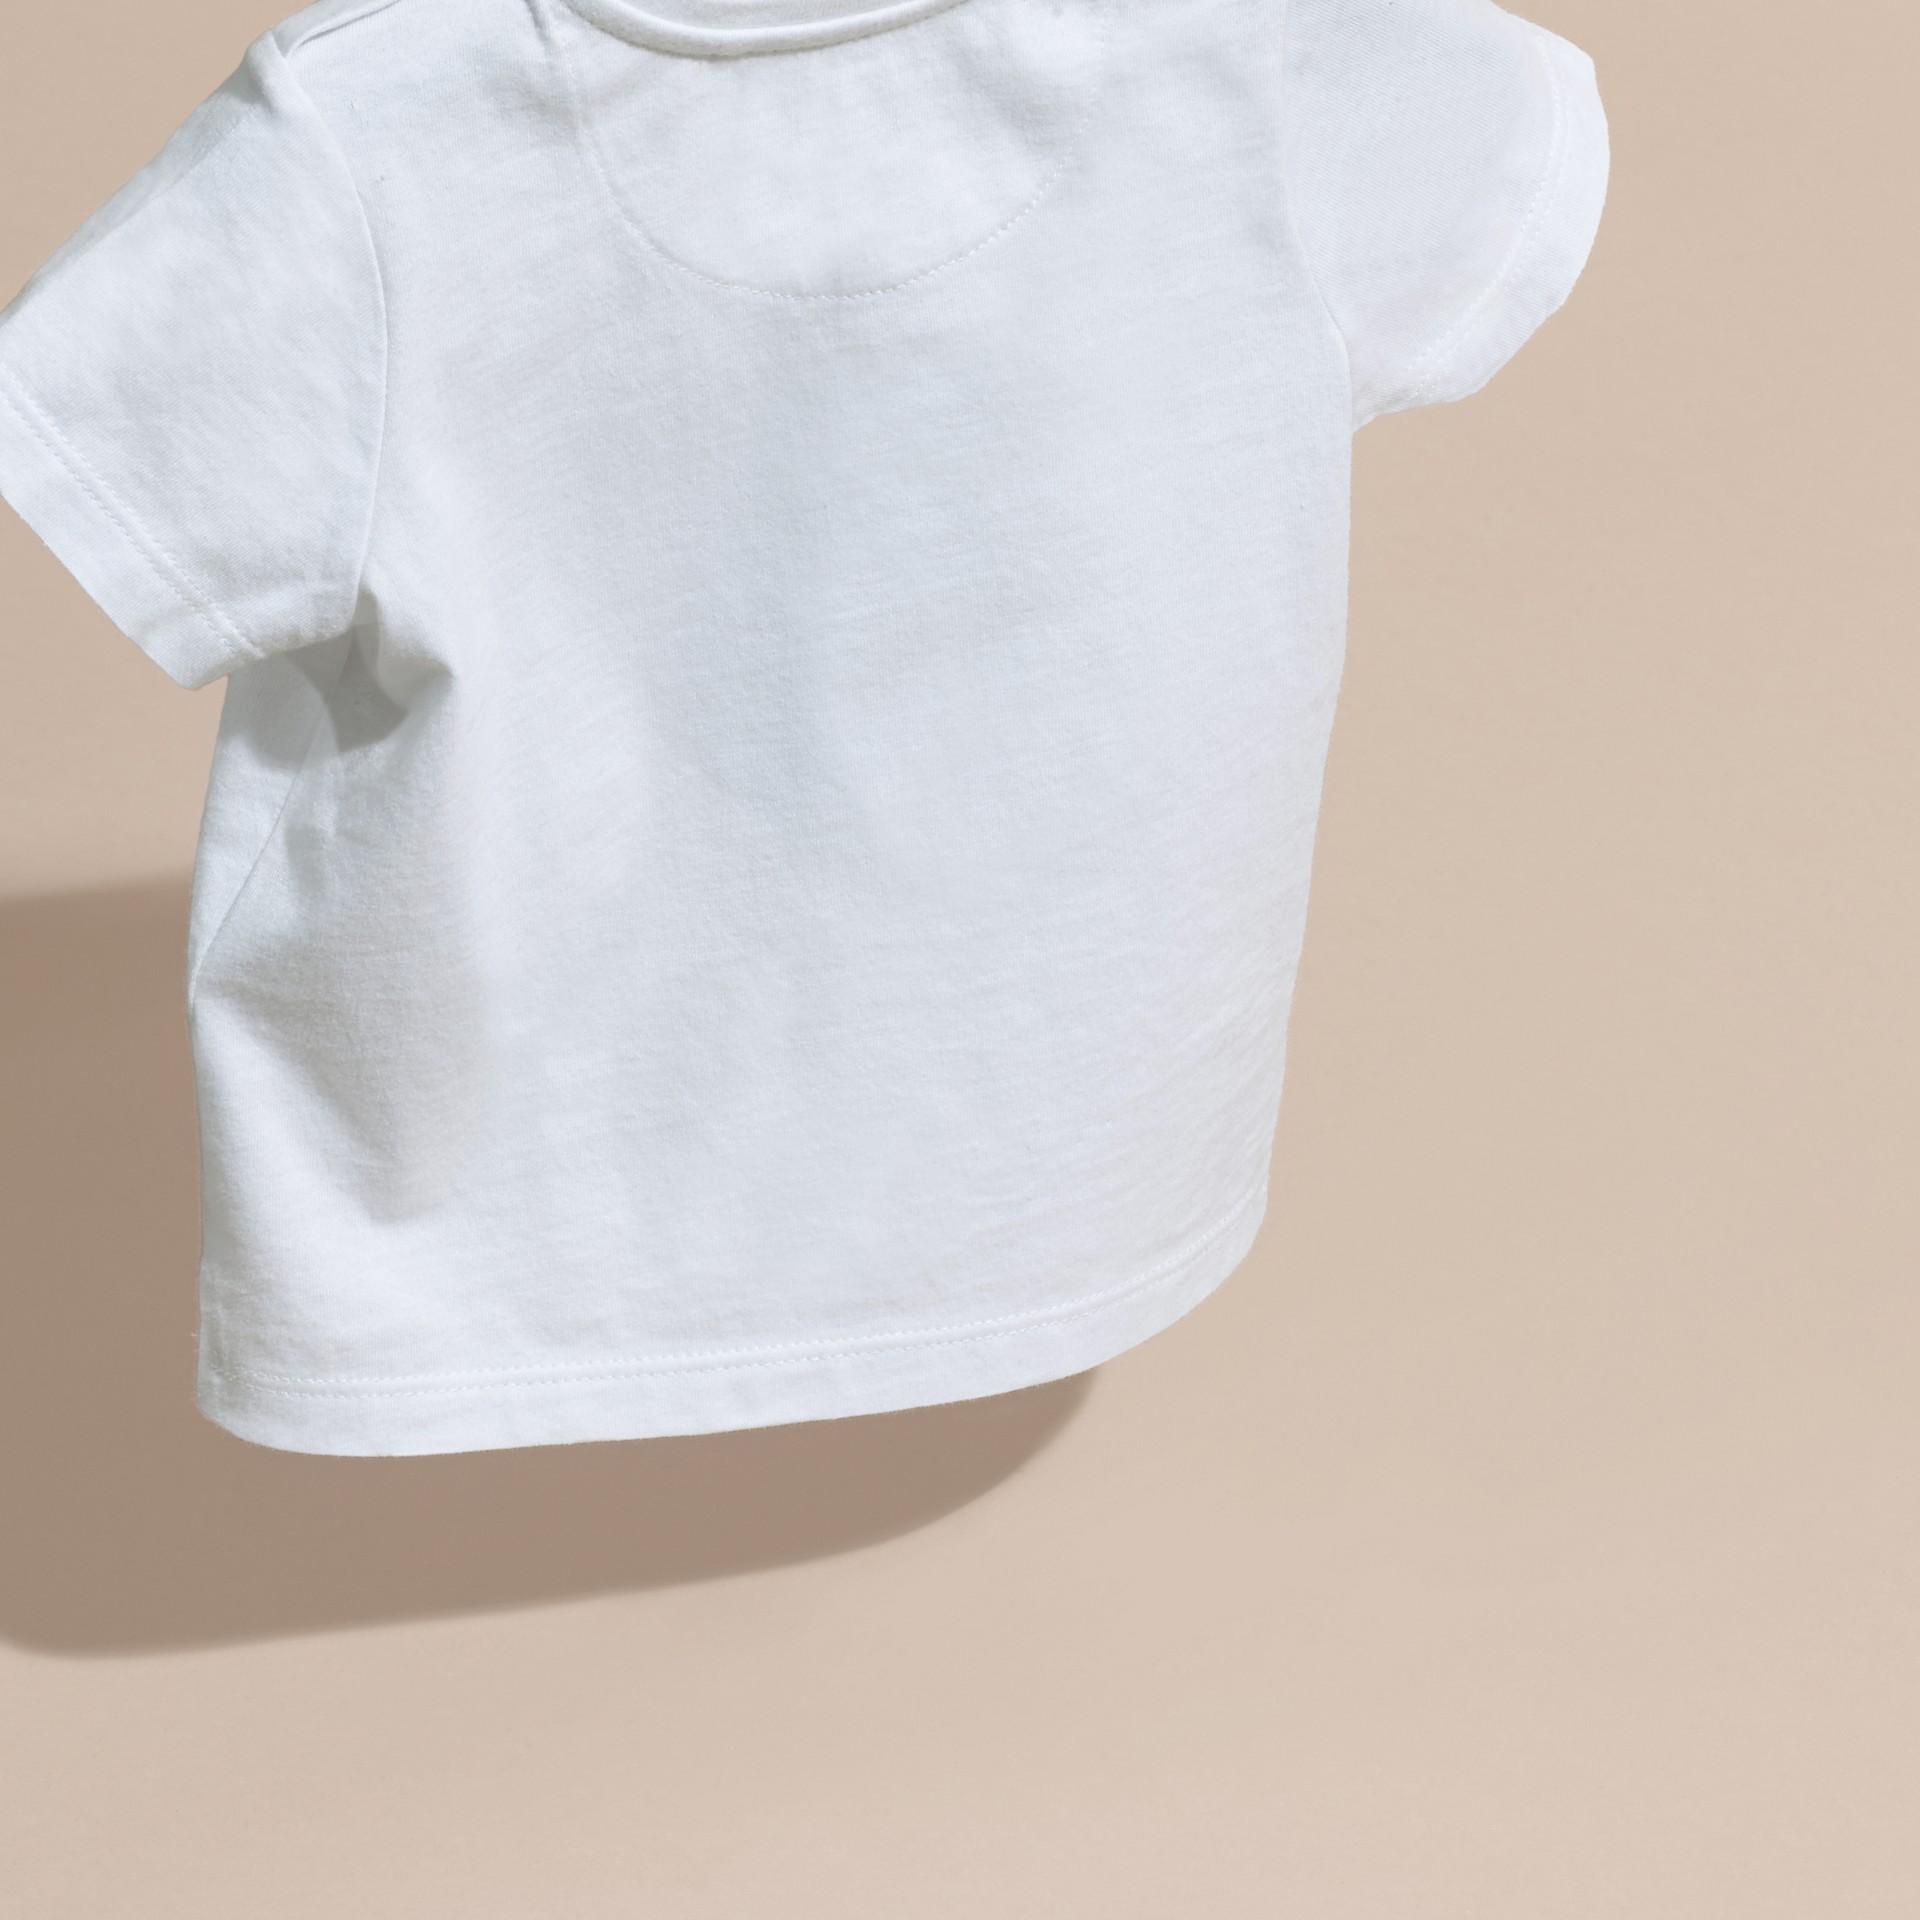 Nero T-shirt in cotone con stampa a cuori Nero - immagine della galleria 4